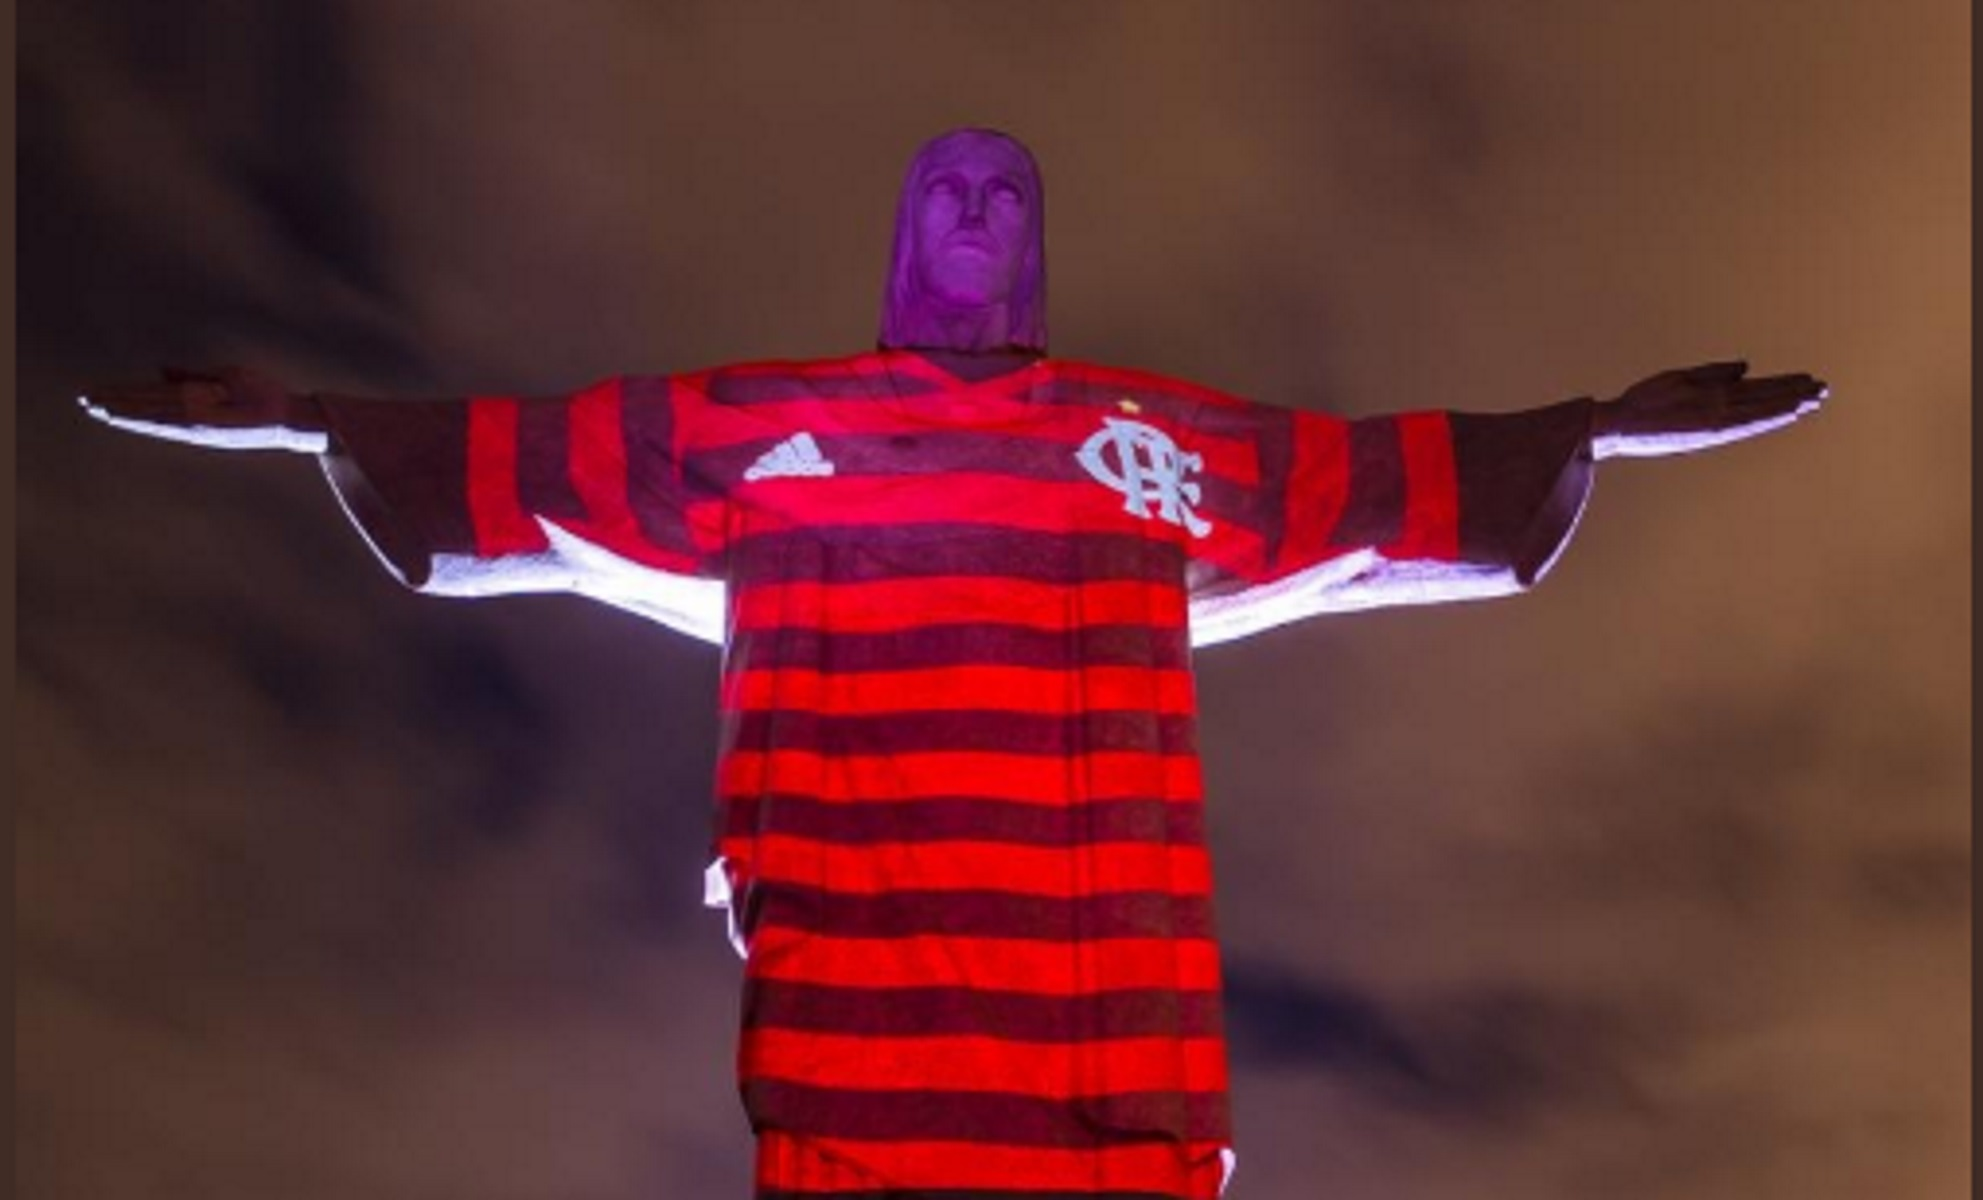 """Θεϊκό! """"Φόρεσαν"""" στο άγαλμα του Ιησού στο Ρίο φανέλα της Φλαμένγκο! [pics]"""